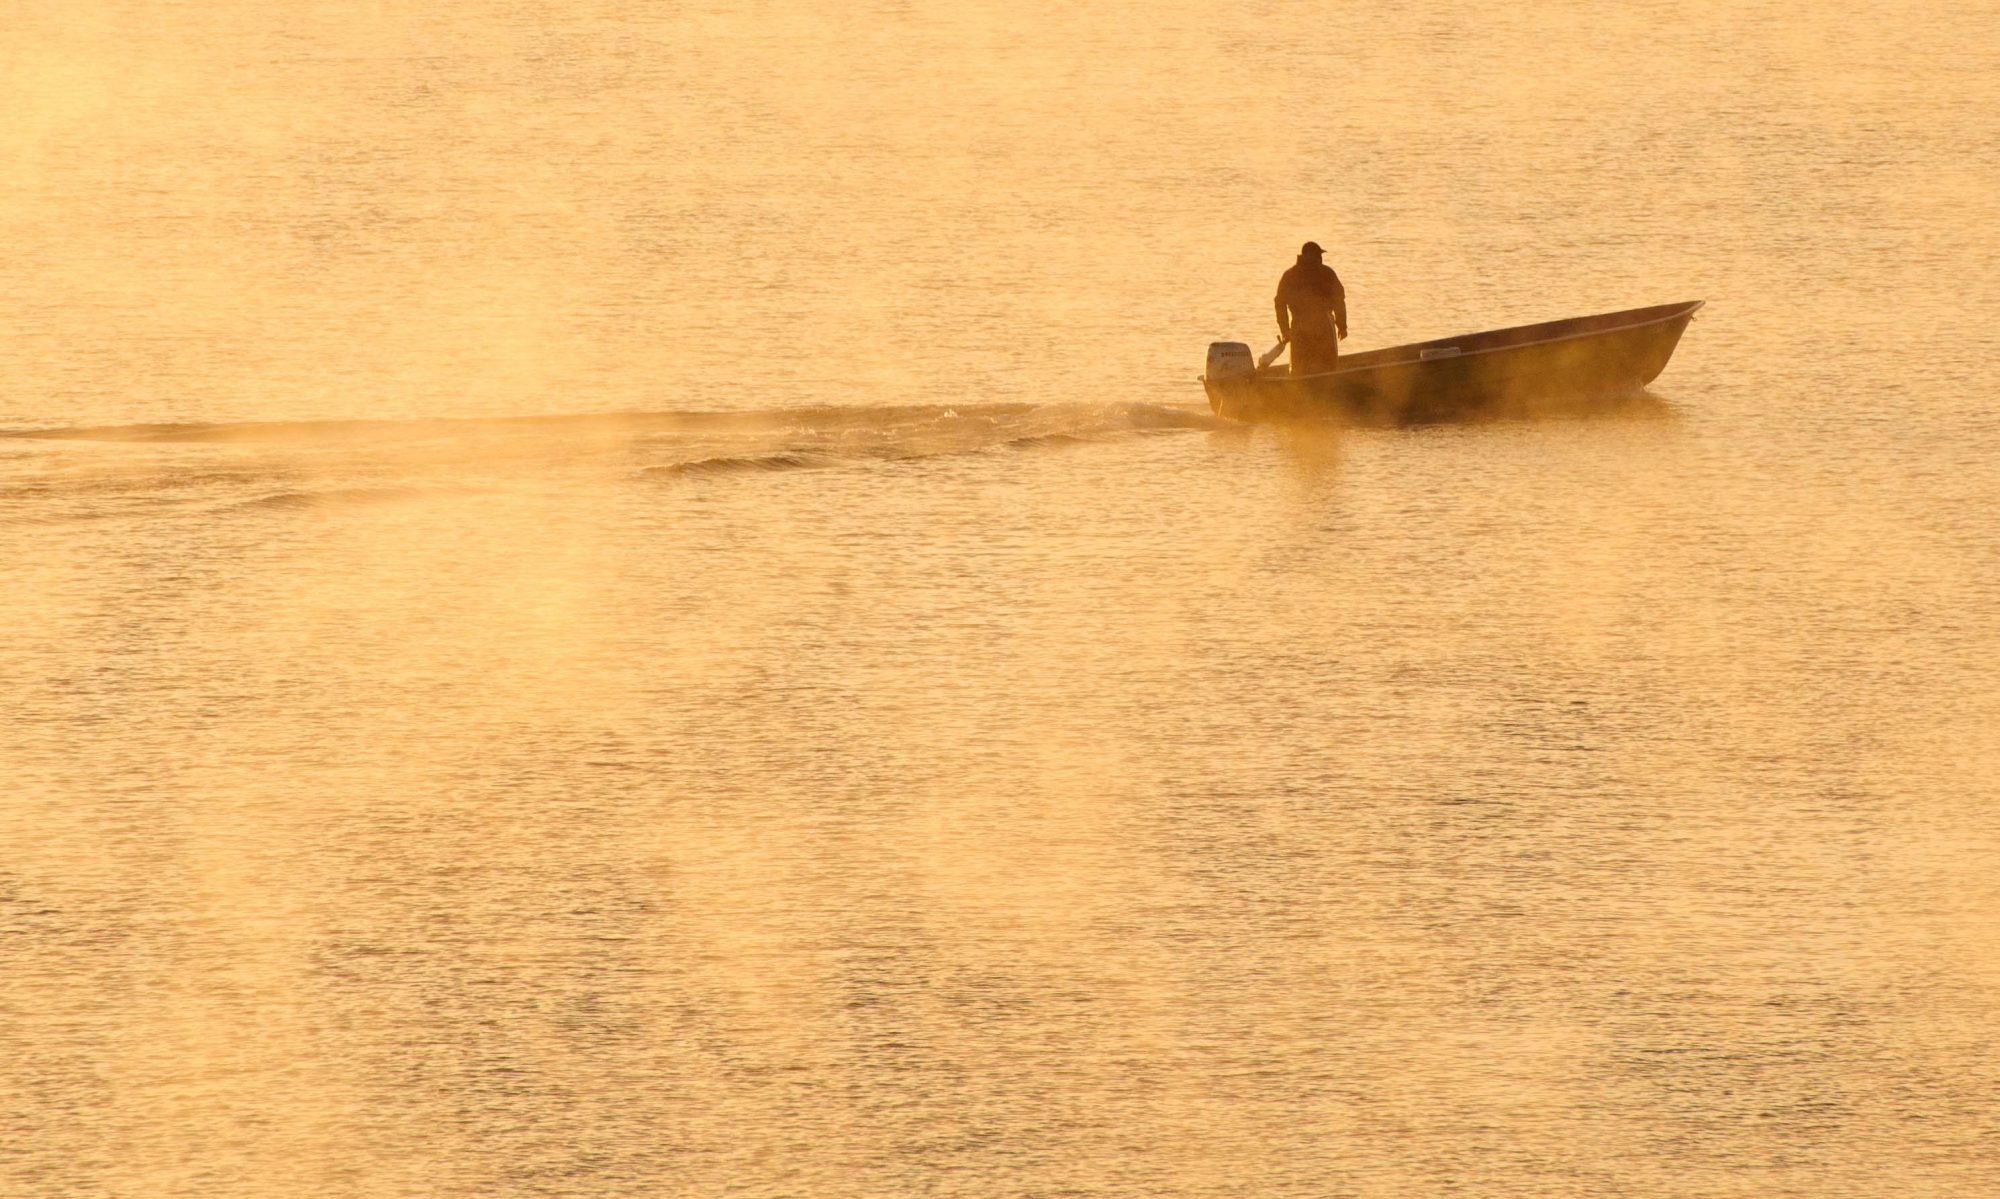 Ferienwohnungen Zum Landesteg am Starnberger See